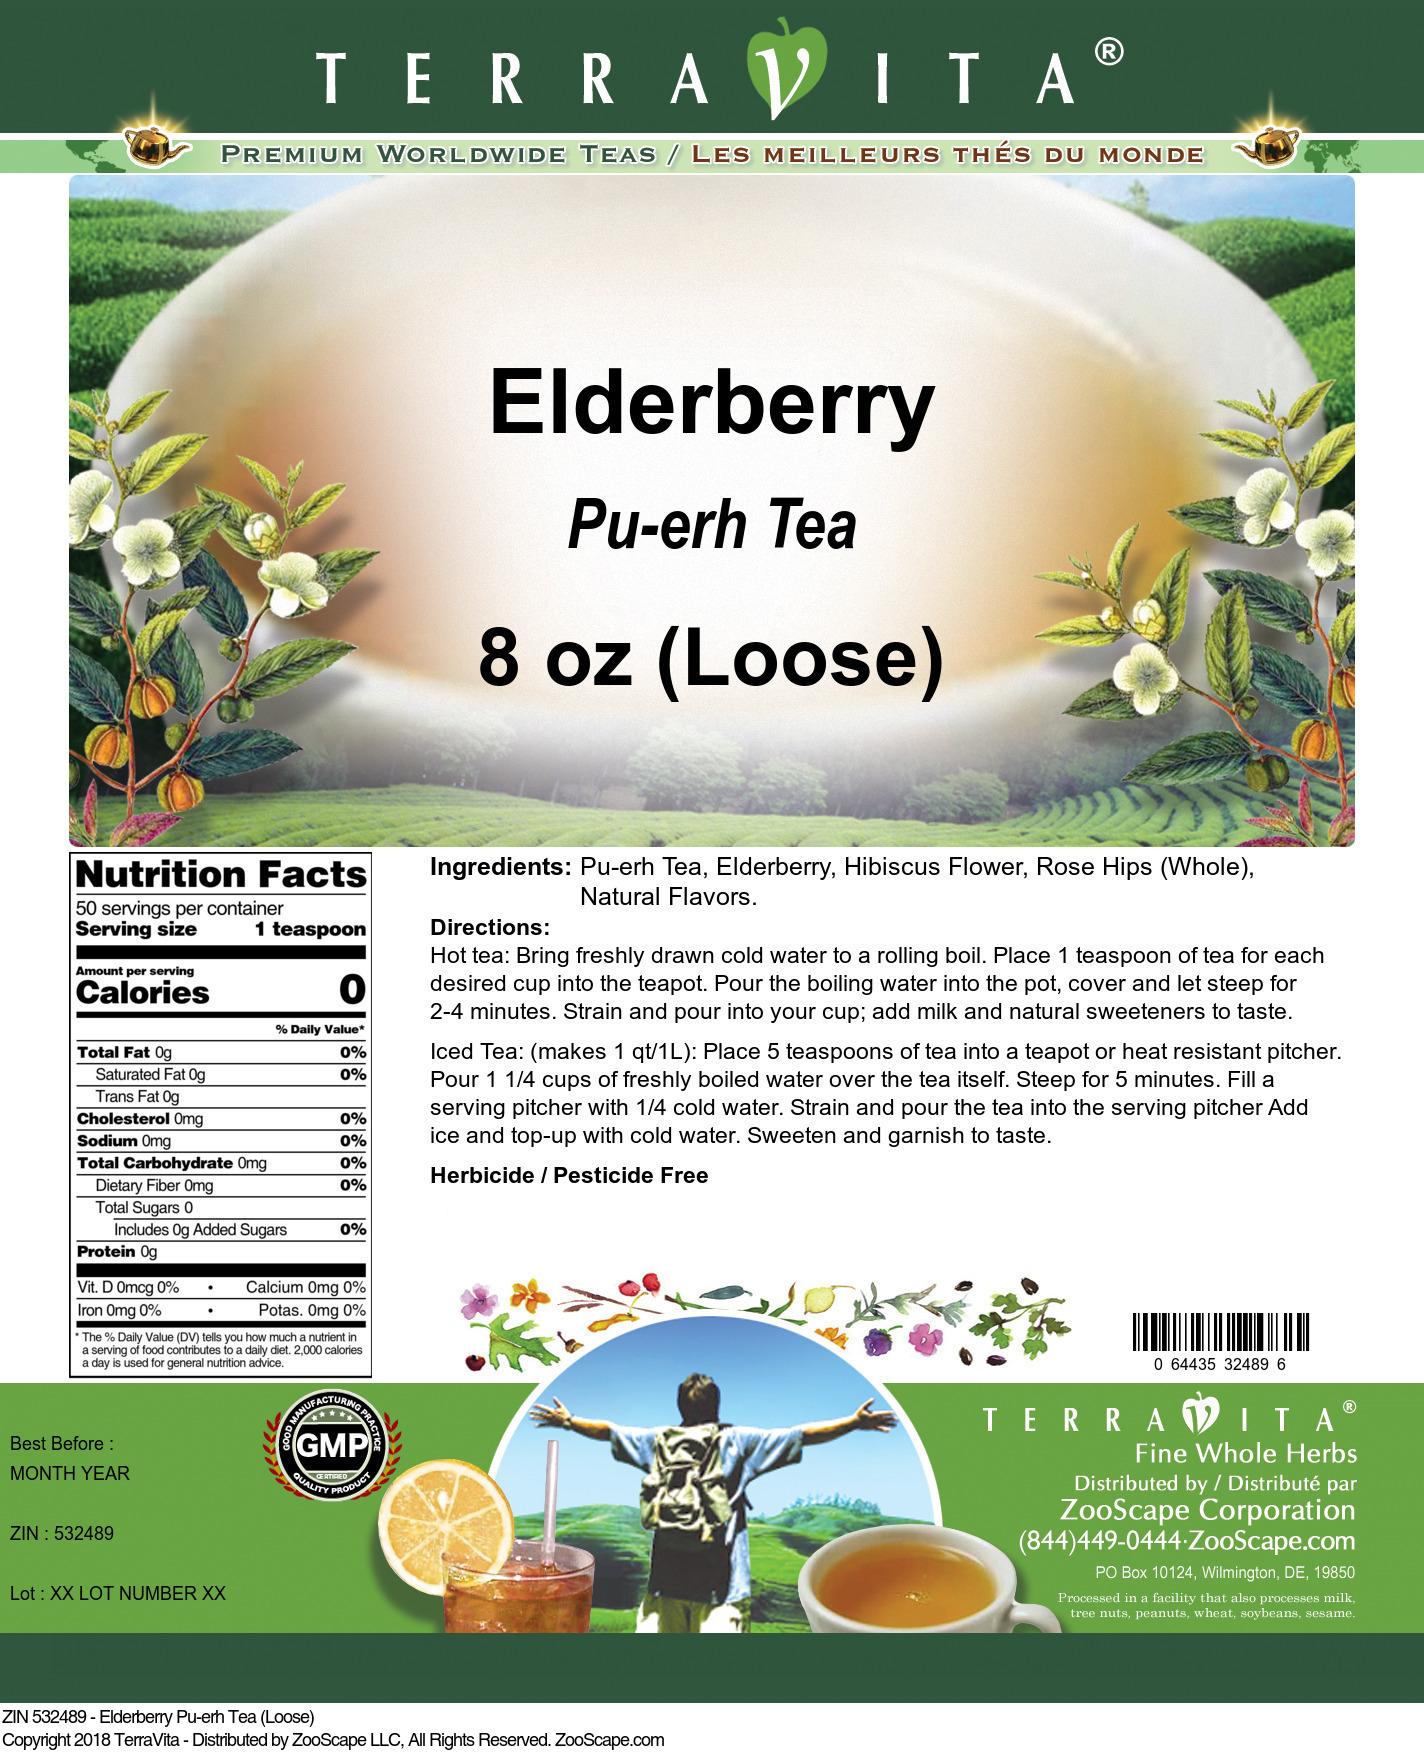 Elderberry Pu-erh Tea (Loose)